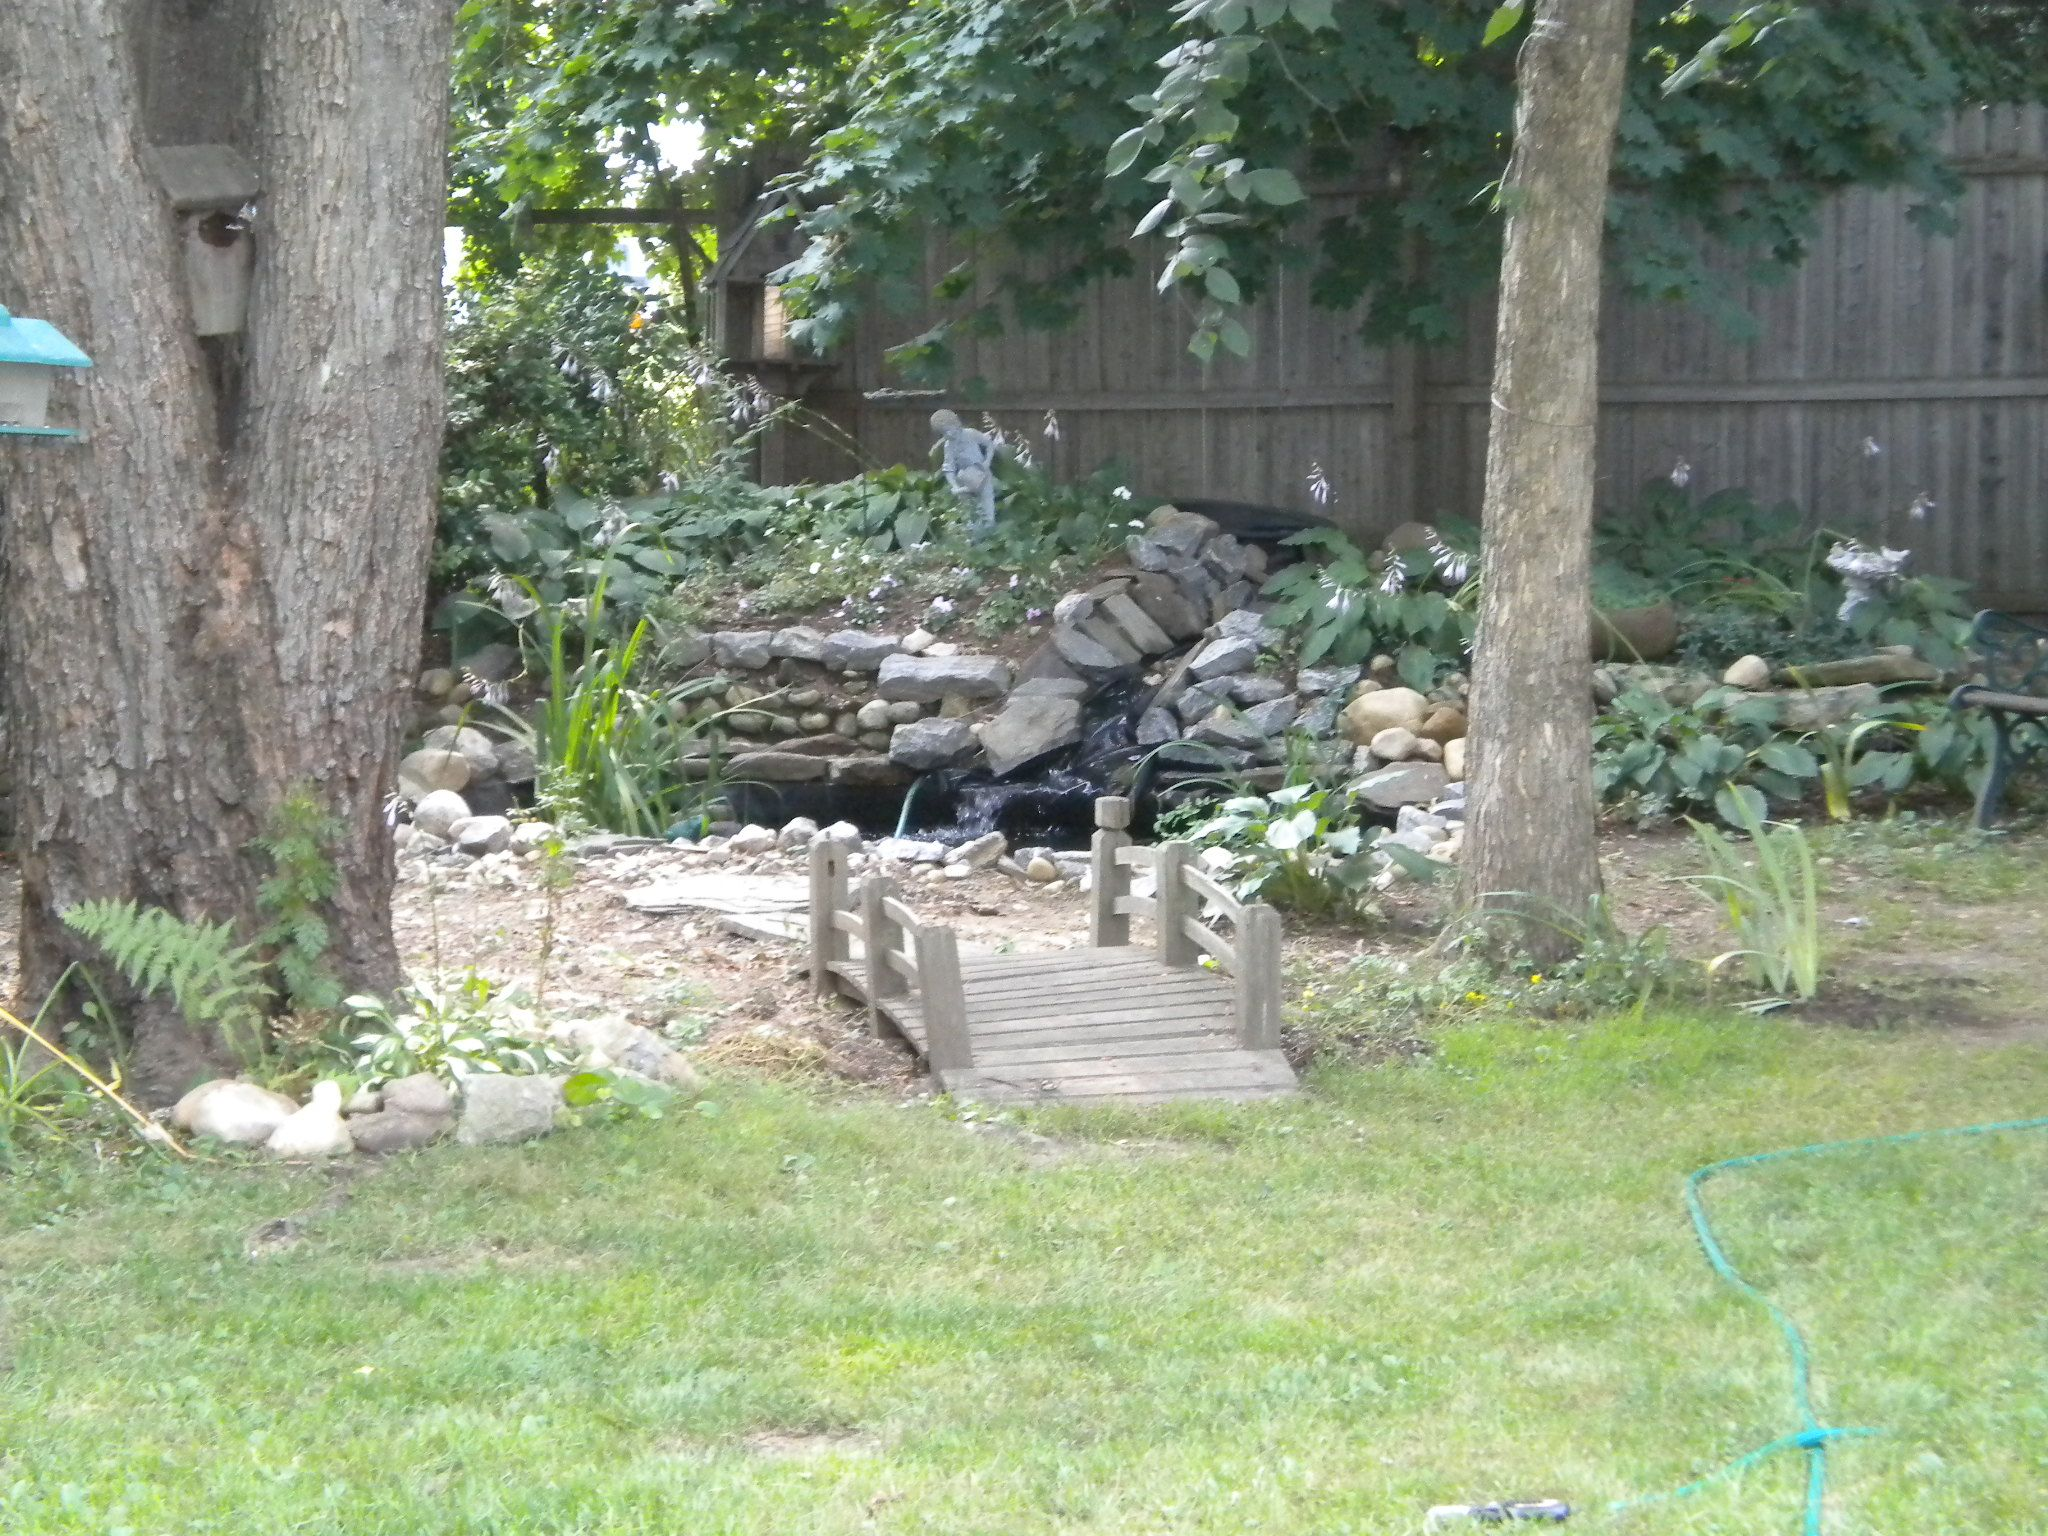 backyard fish pond lilly ponds pinterest